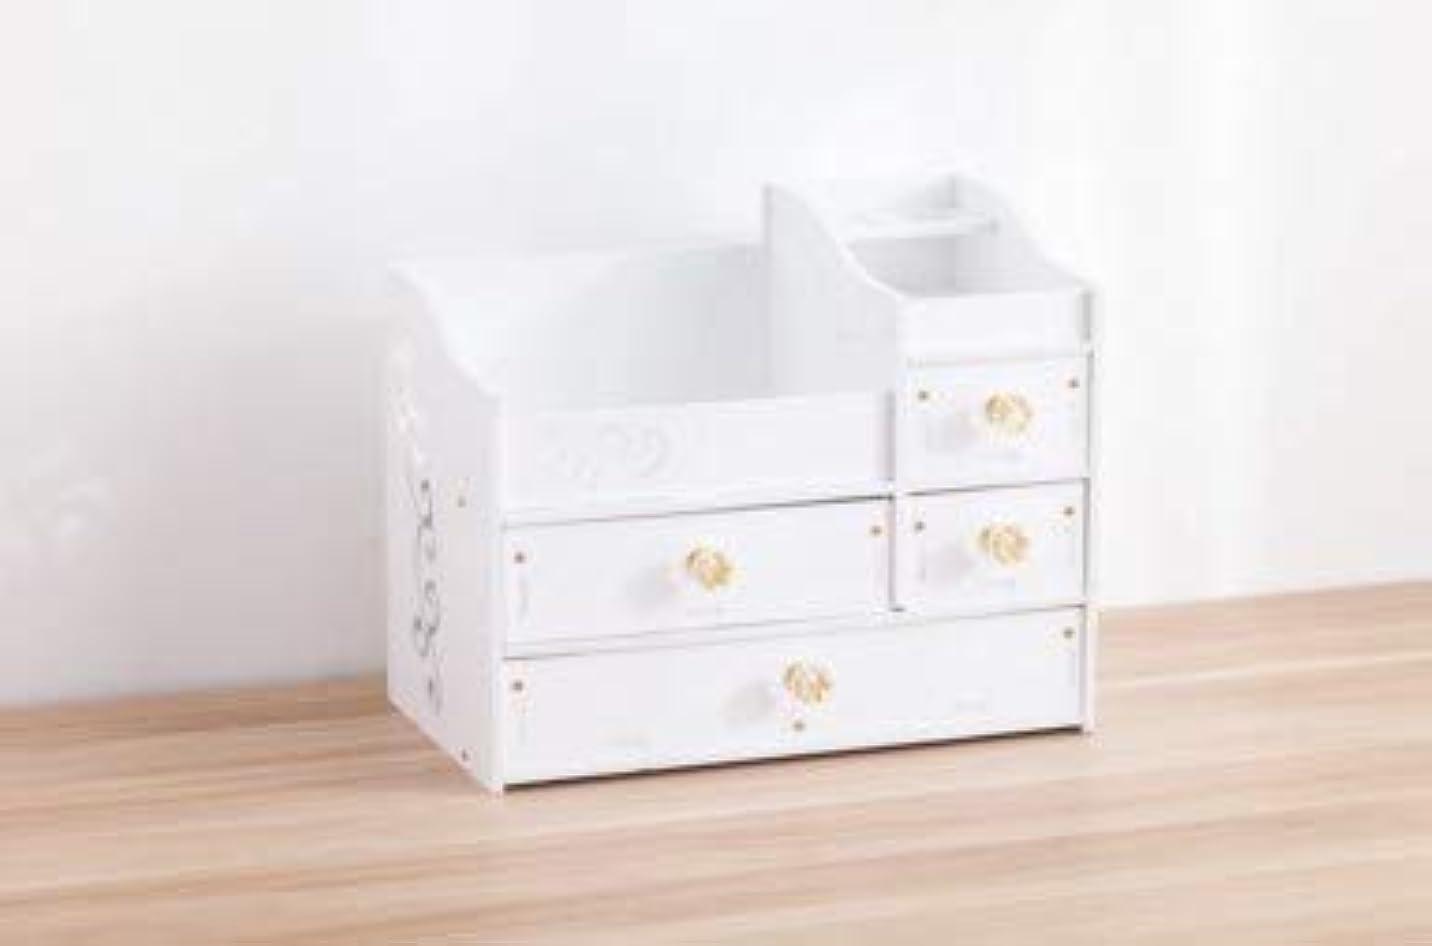 典型的な猫背サスティーンデスクトップスキンケア化粧台ジュエリーボックスクリスタルハンドル引き出し収納ボックス木製化粧品収納ボックス